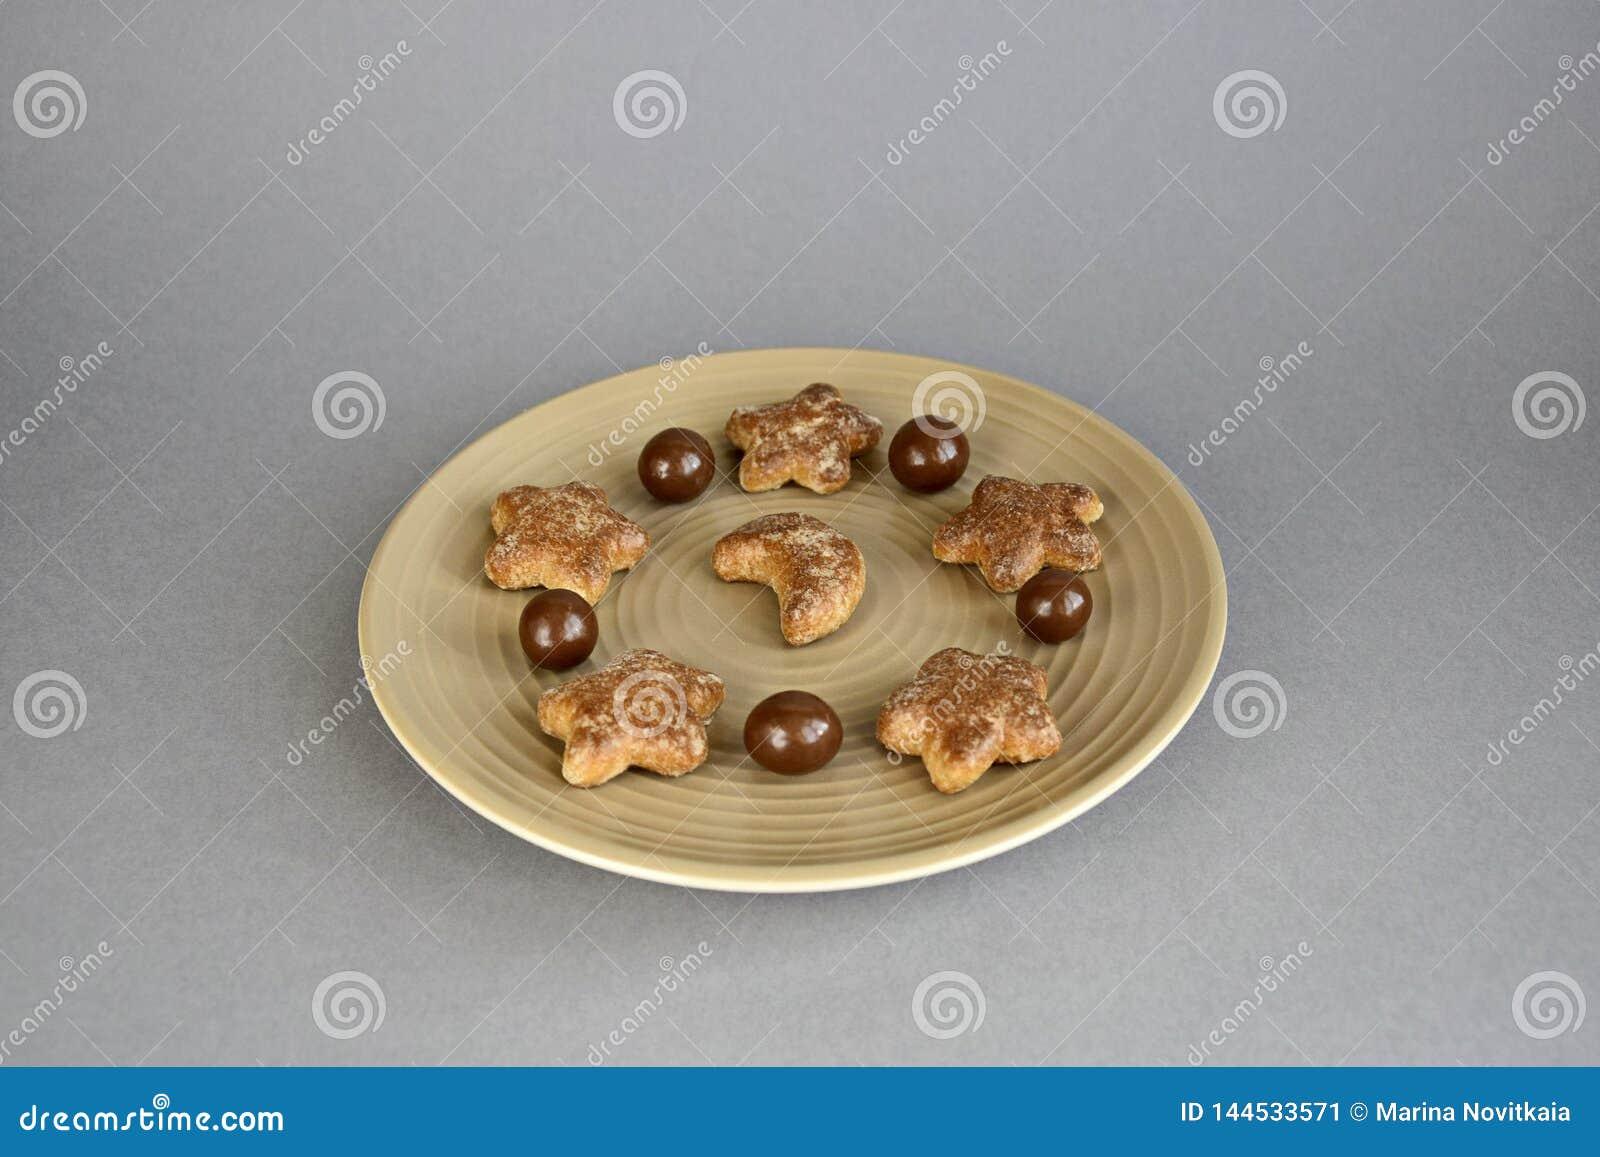 Βιομηχανία ζαχαρωδών προϊόντων, σφαίρες σοκολάτας και μπισκότα σε ένα κεραμικό πιάτο